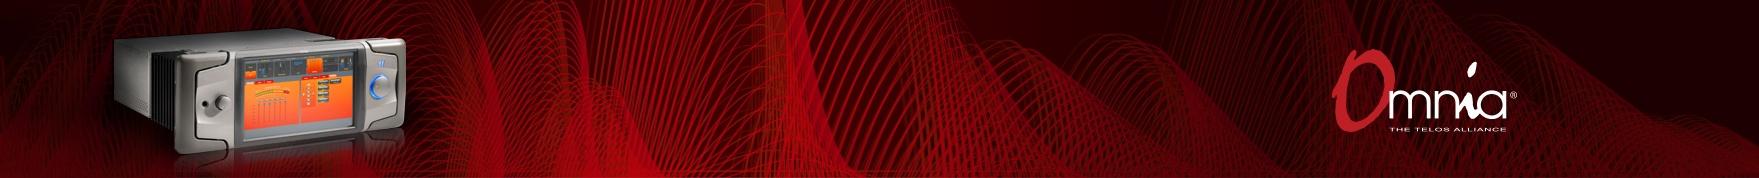 TA-Omnia11-v3.0-Header_Banner-v2-Red-Orange.jpg